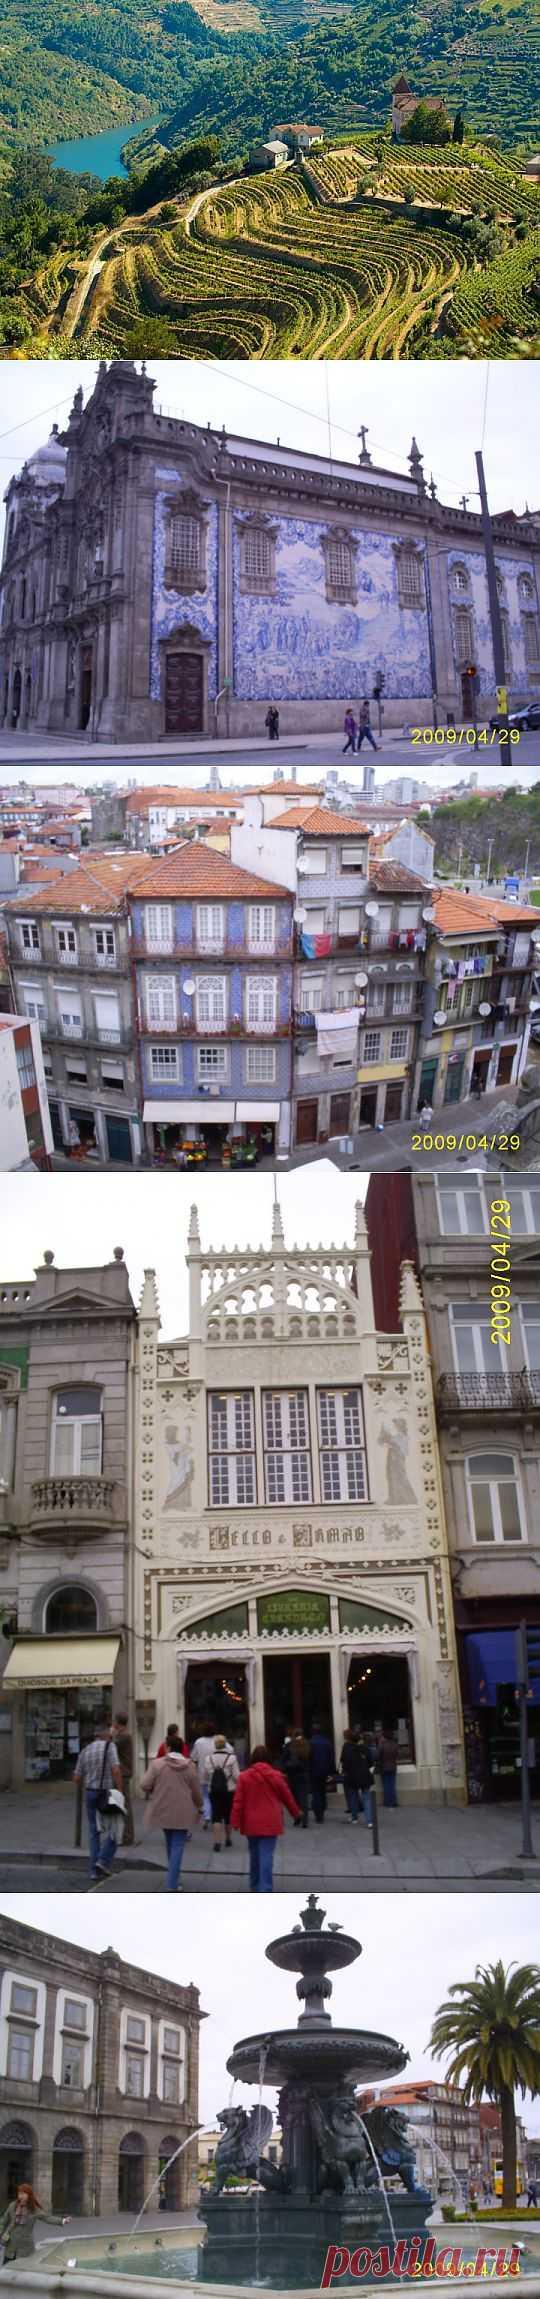 Португалия – страна великих мореплавателей и западная окраина Европы | ТУРИЗМ И ОТДЫХ